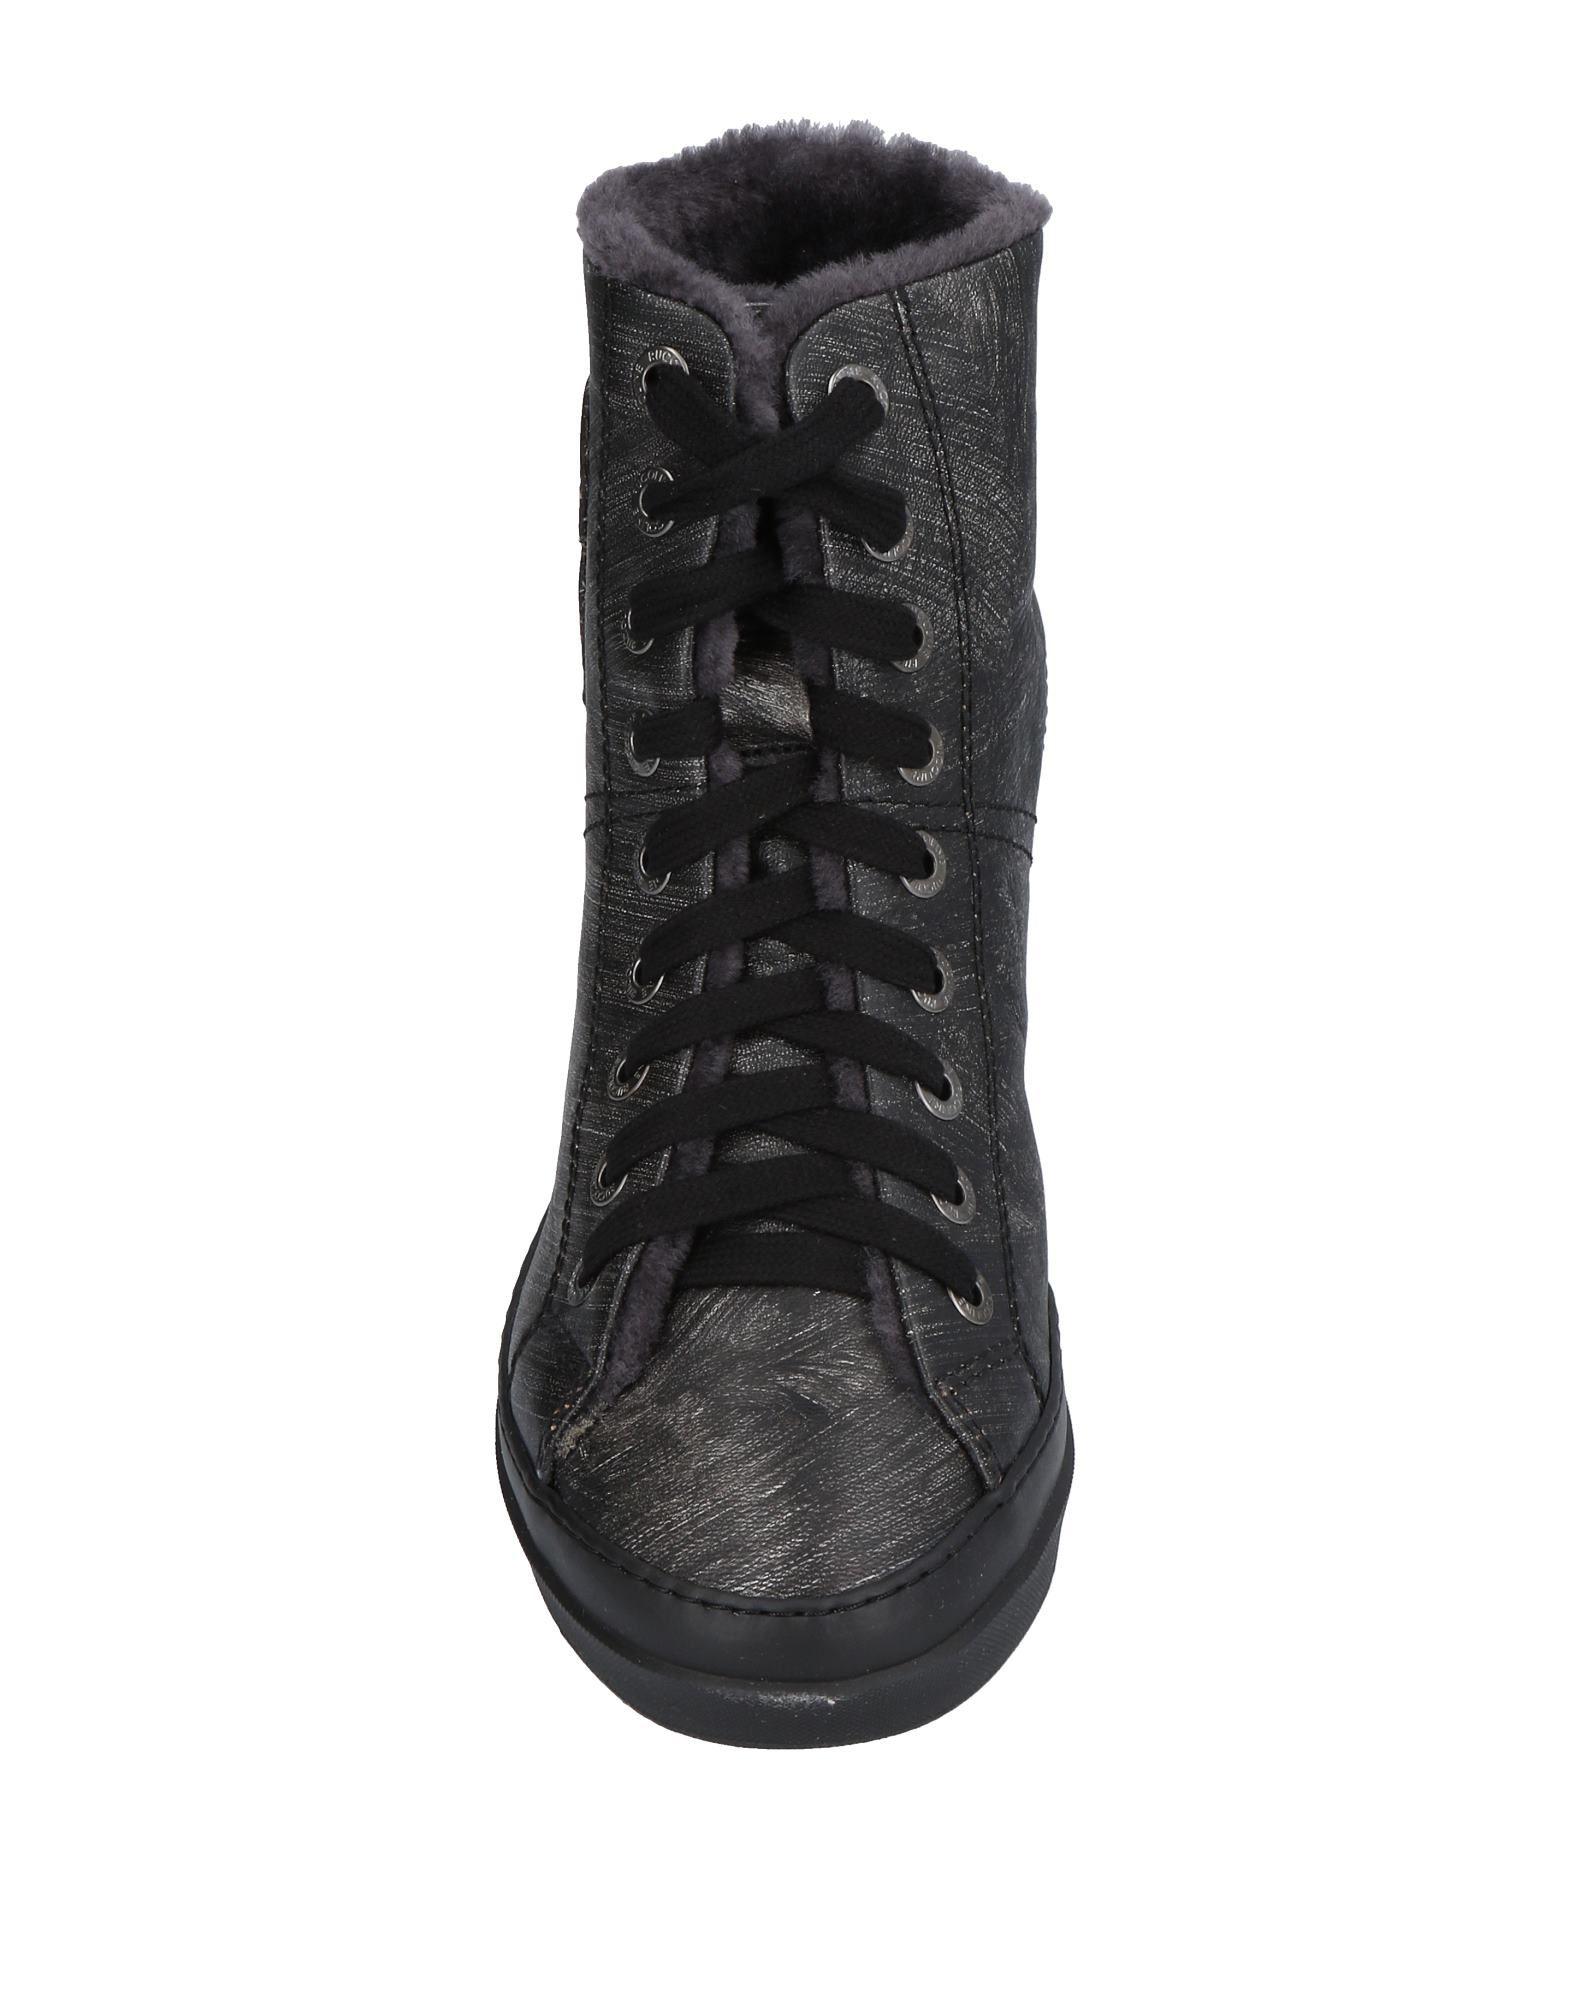 Ruco Line Sneakers Damen Gutes Preis-Leistungs-Verhältnis, es sich lohnt sich es 4fdc19